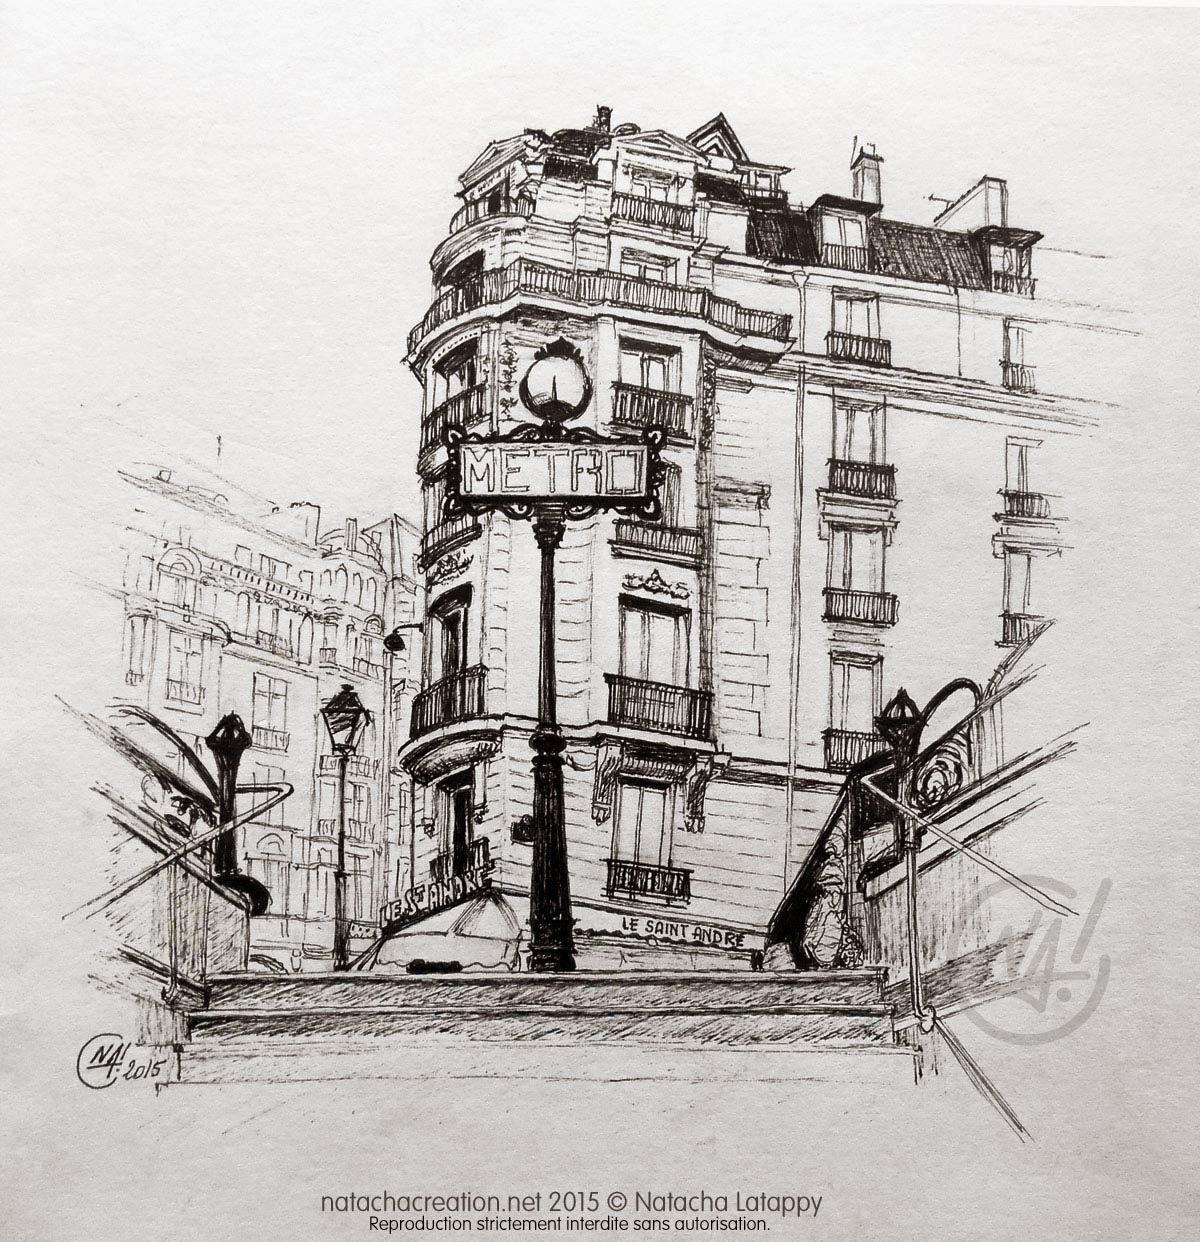 Le blog de na dessin en live le m tro saint michel paris - Metro saint michel paris ...